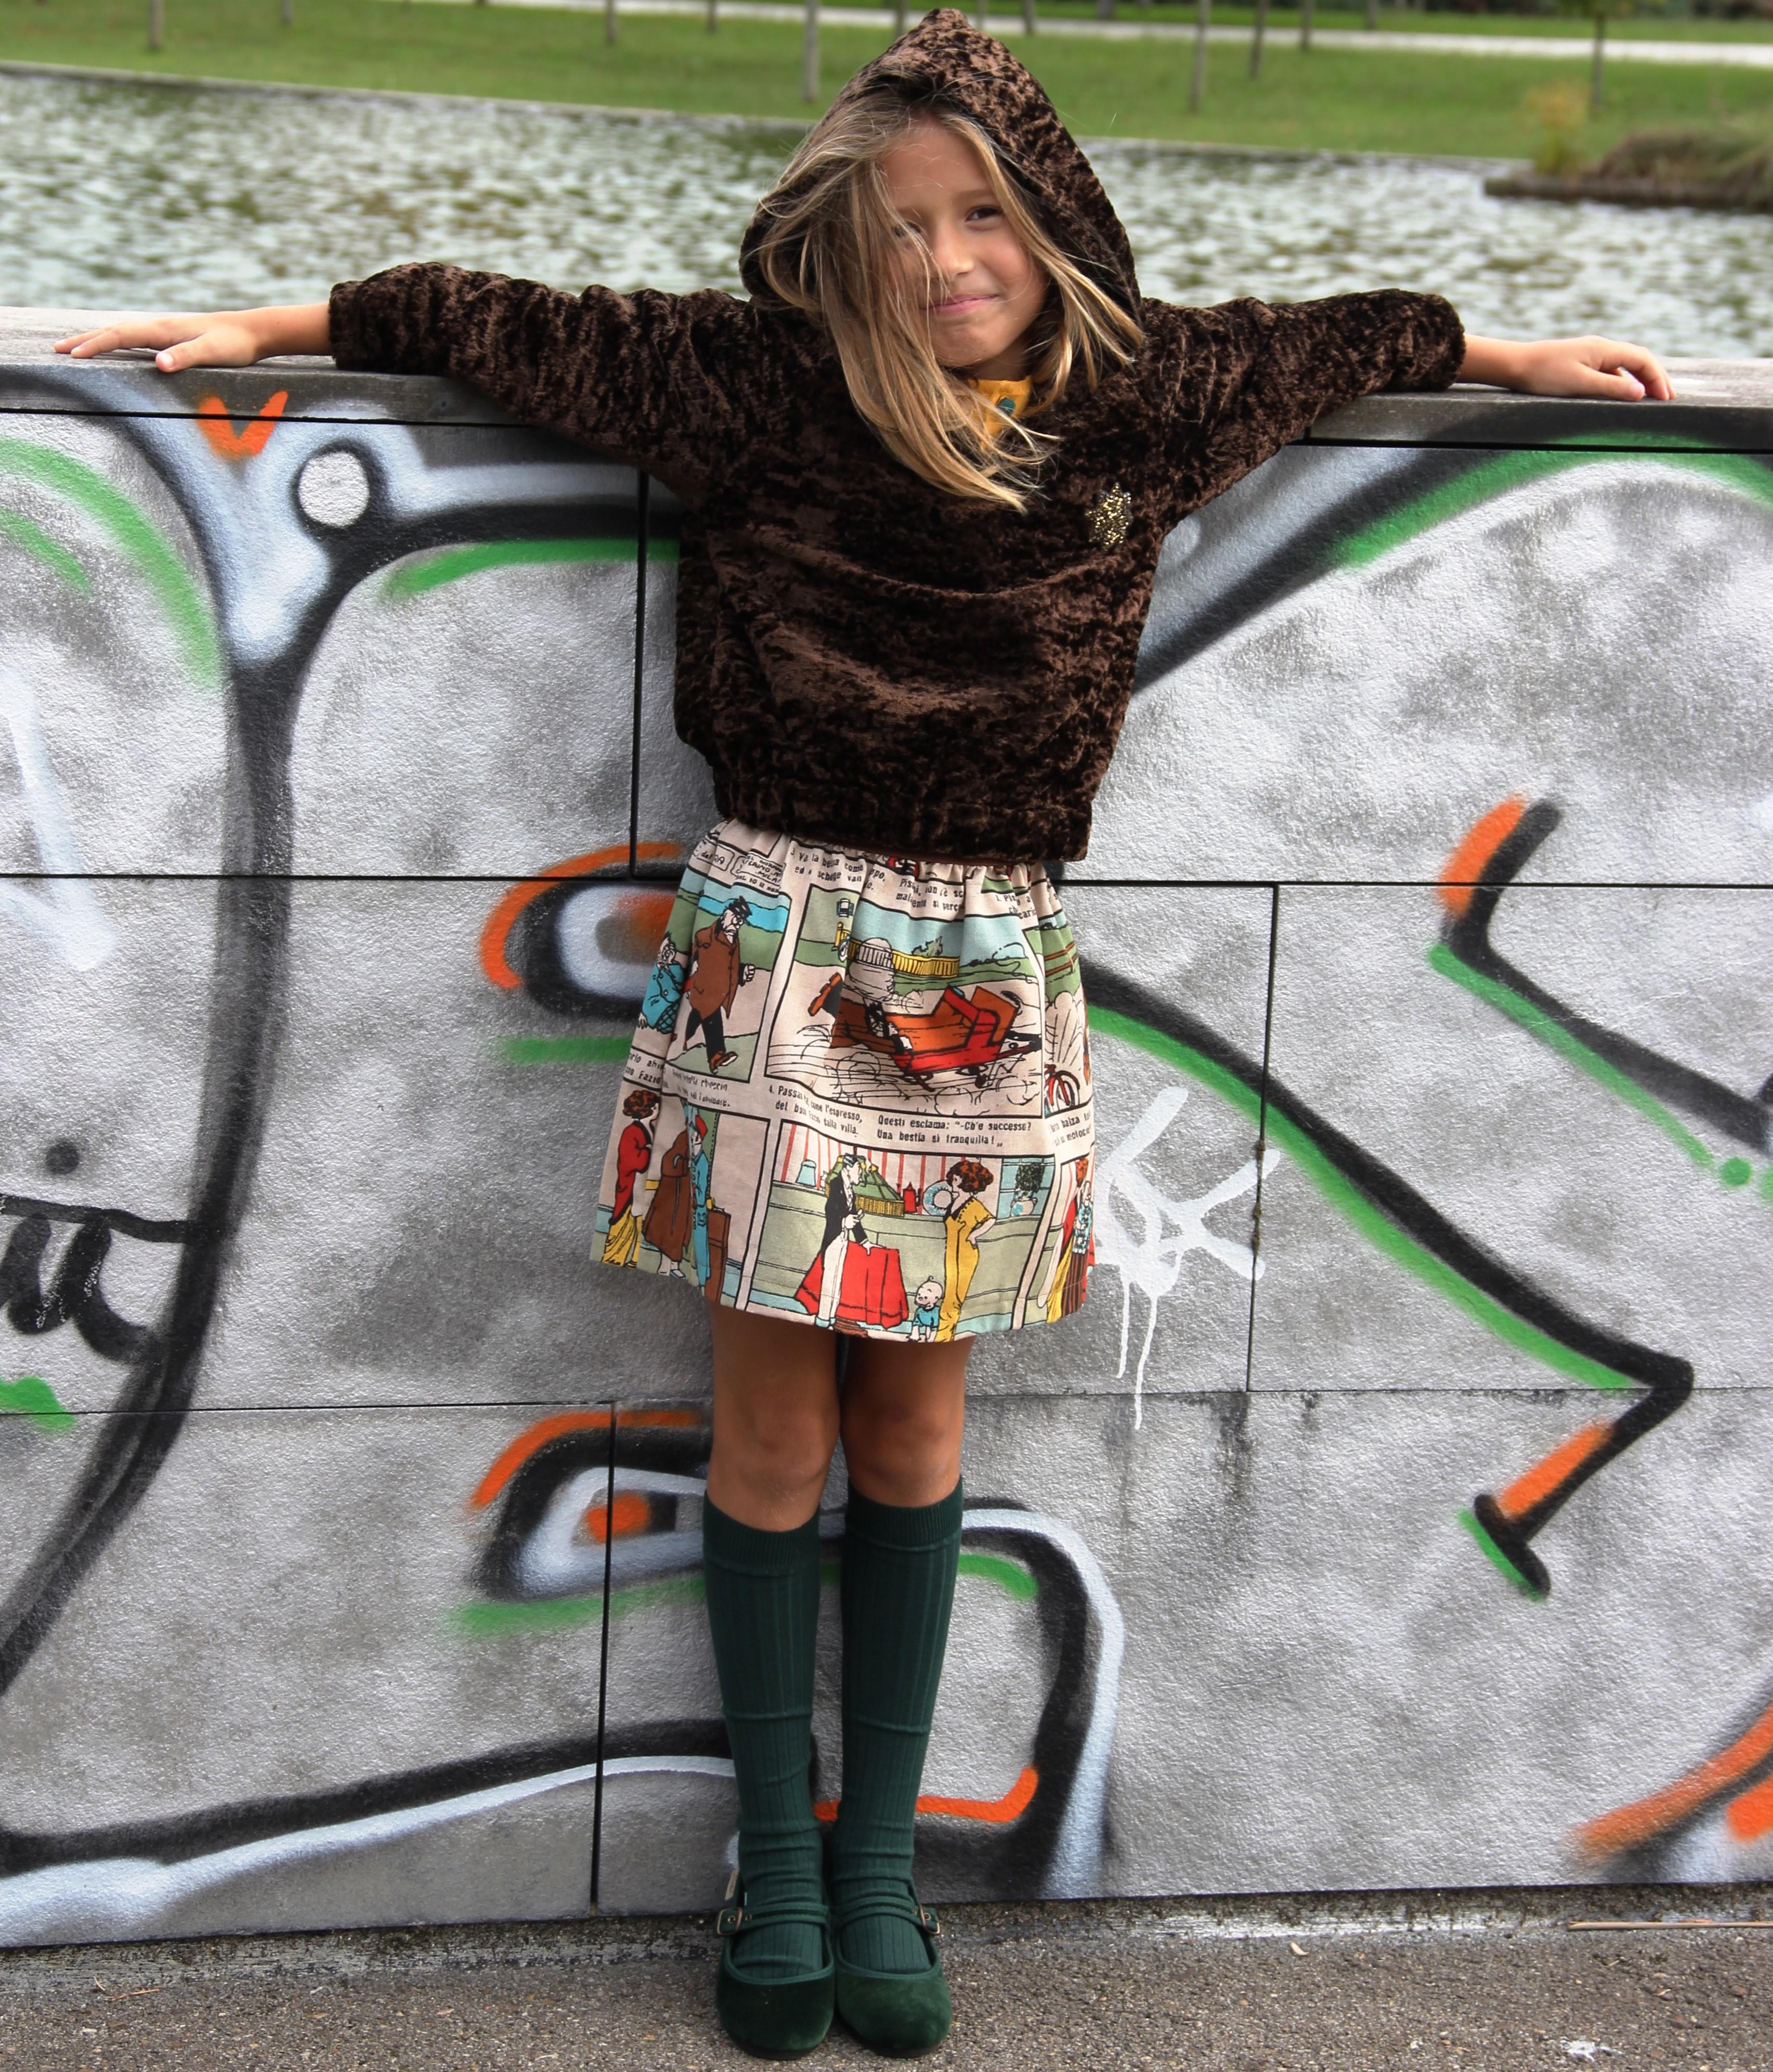 moda-infantil-casual-online-niña-moda-niña-online-ropa-casual-niña-sudadera-de-niña-moda-otoño--e1443650549230